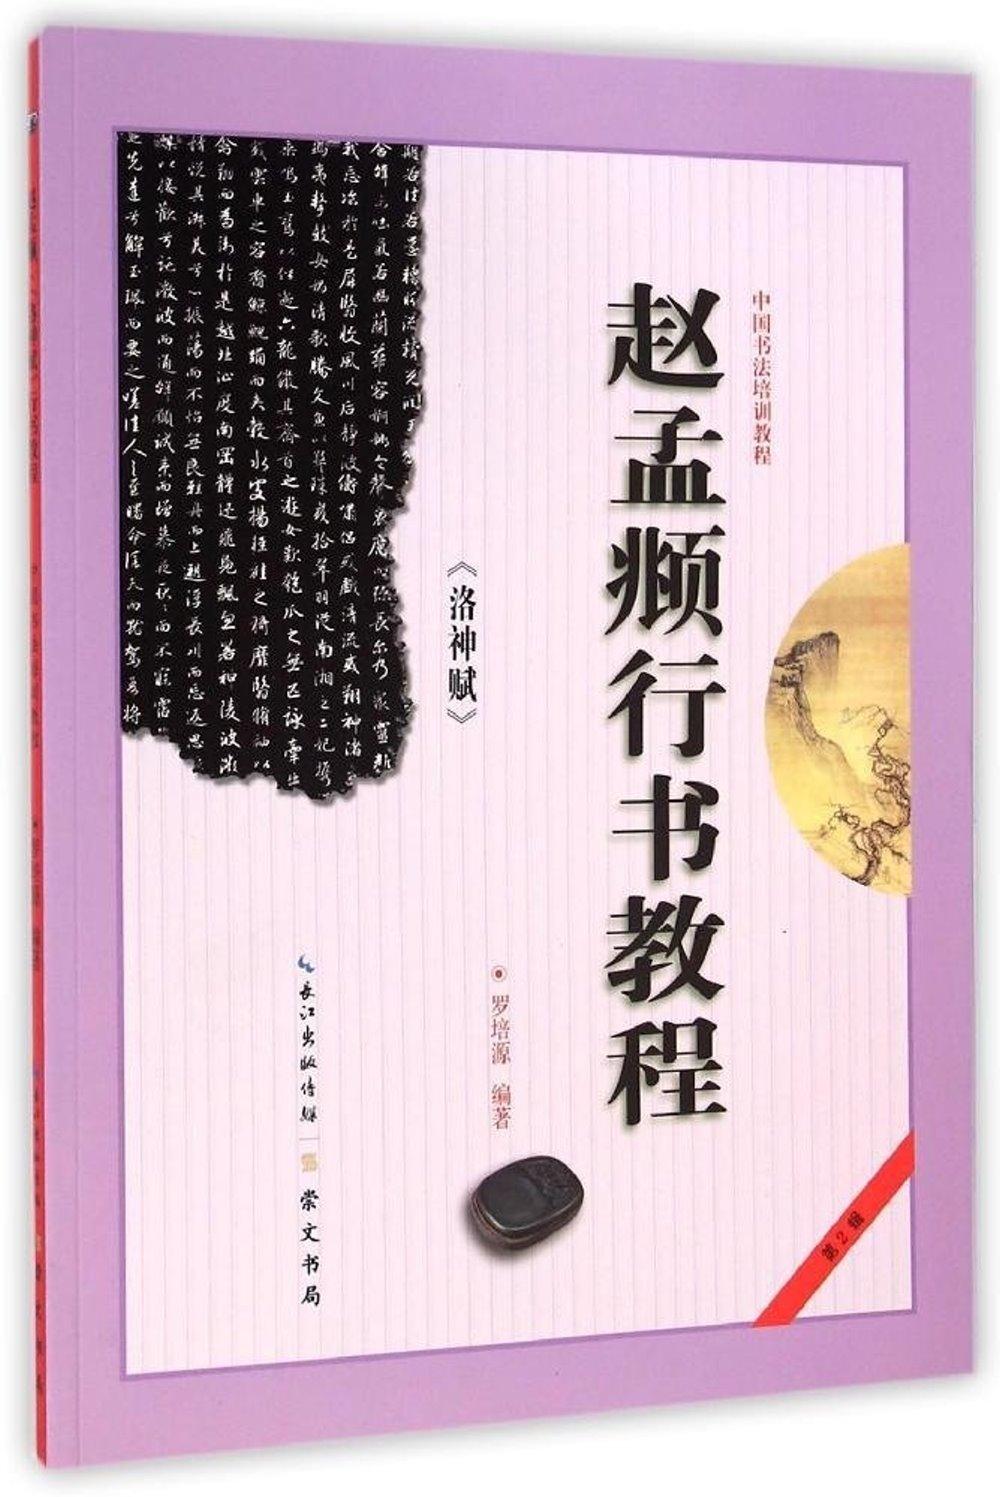 中國書法培訓教程 :趙孟頫《洛神賦》行書教程